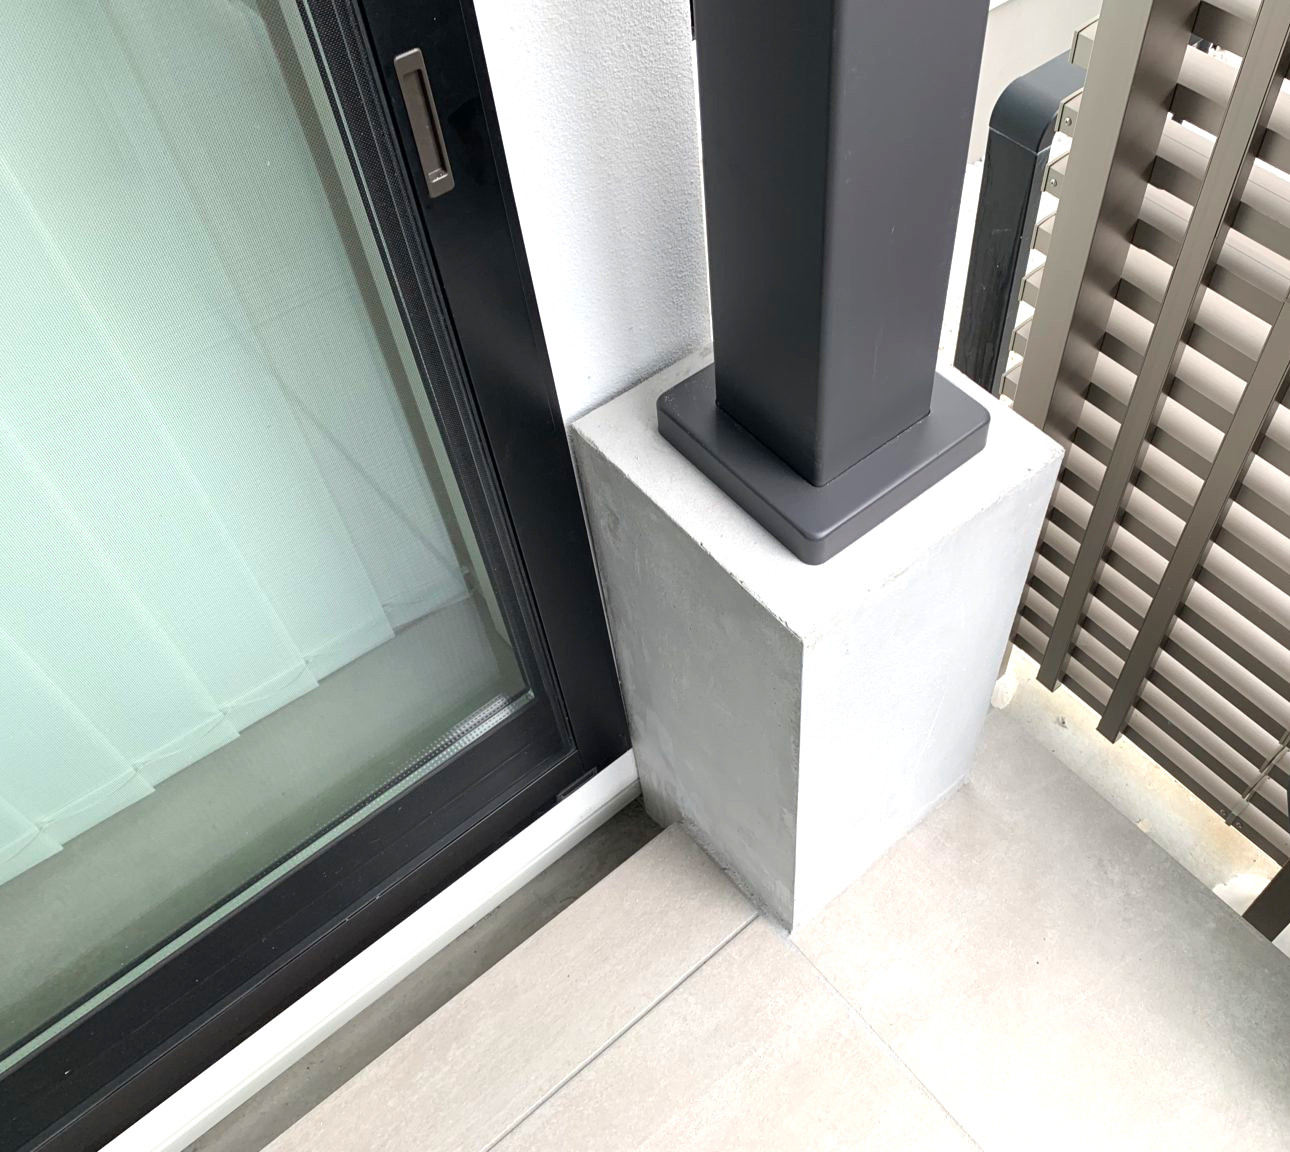 天井ルーバーを手動で開閉できるテラスルーフ(パーゴラ)、TAKASHOの新商品 パティオ ムーブ